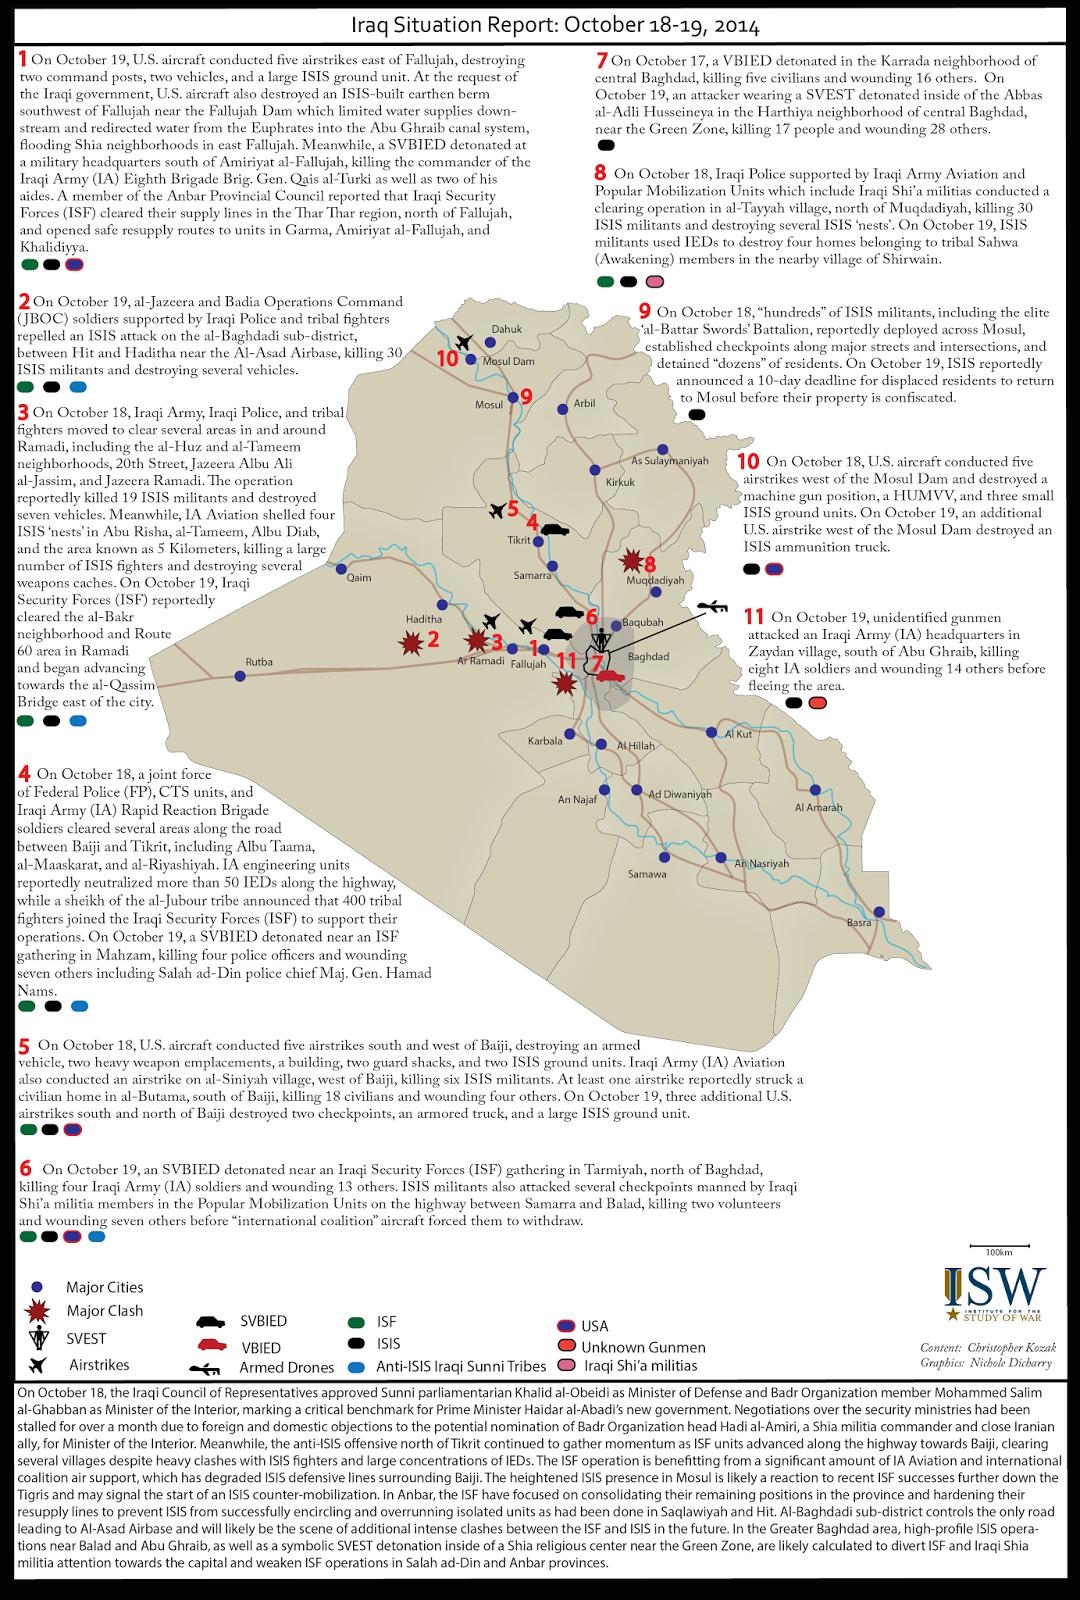 متابعة مستجدات الساحة العراقية - صفحة 7 Iraq%2BSituation%2BReport%2BOctober%2B18-19%2C%2B2014